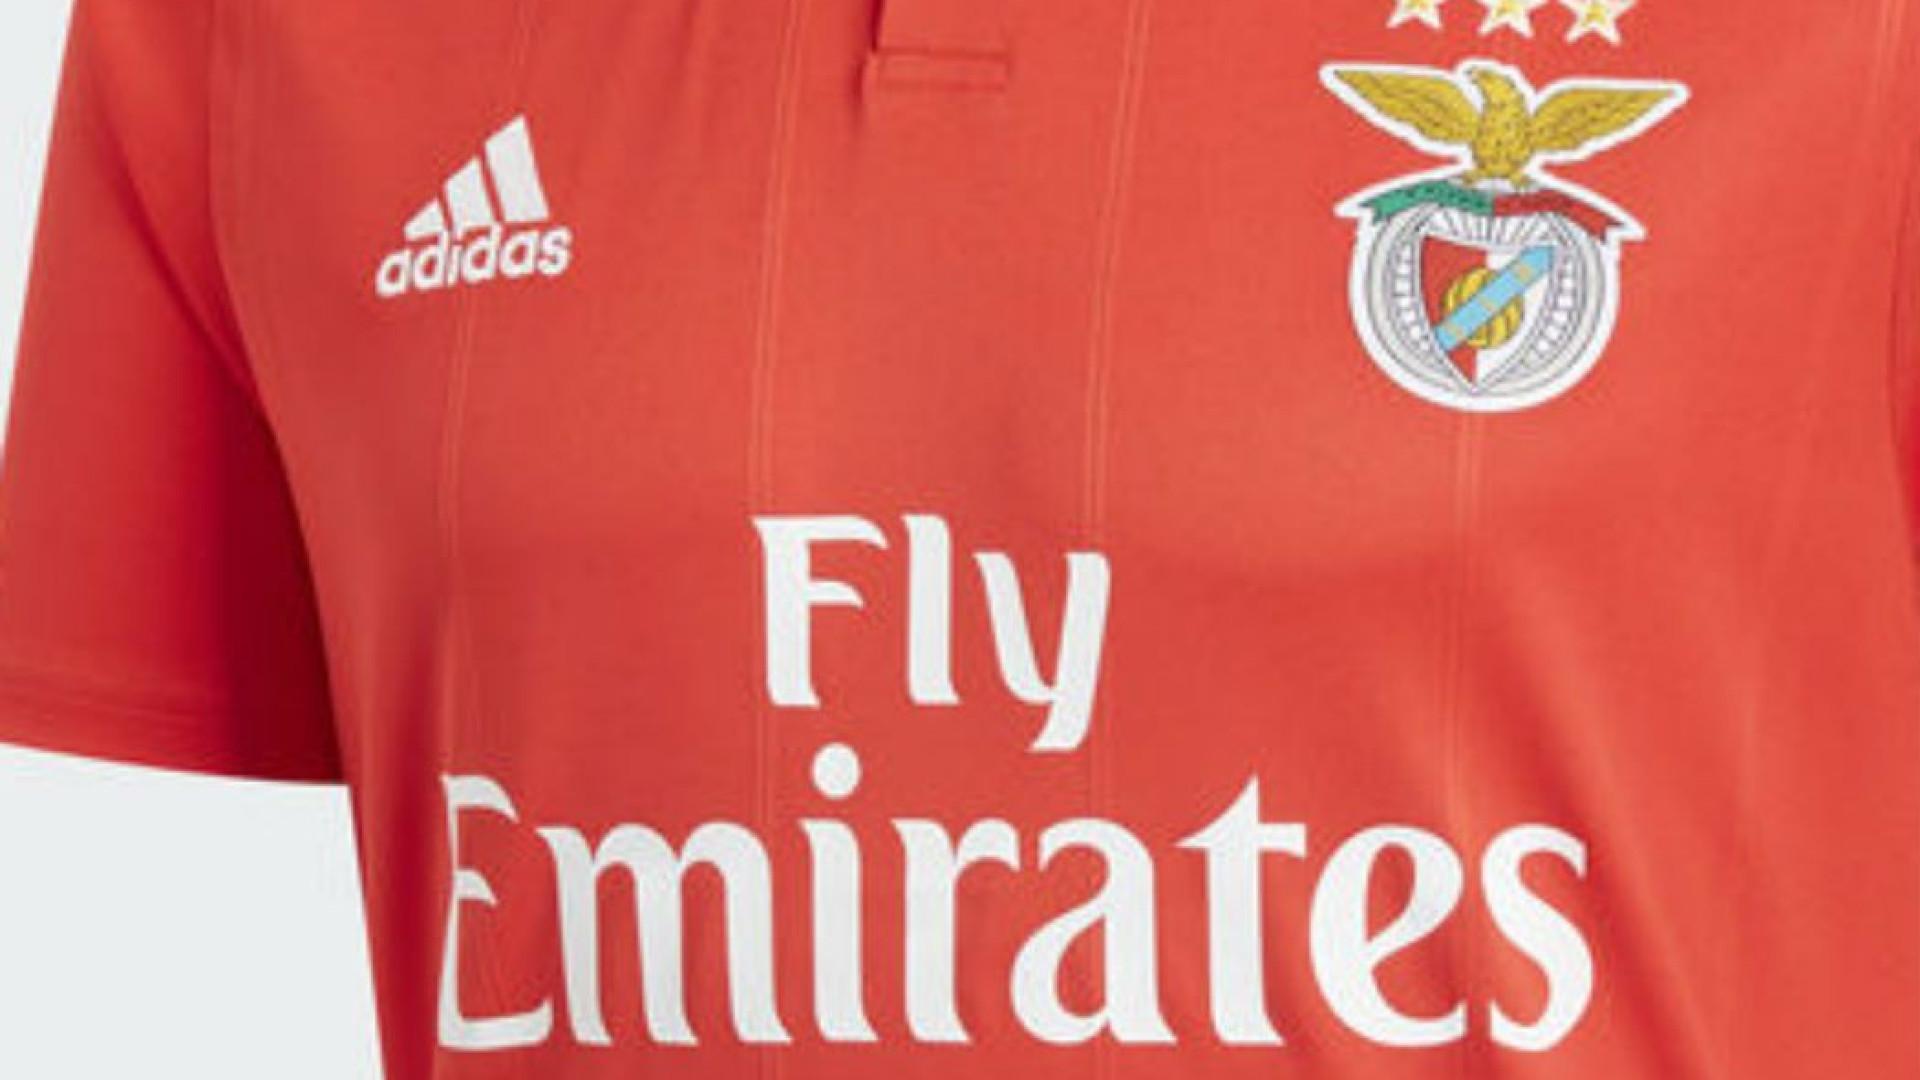 Eis a camisola do Benfica para a temporada 2018 2019 5318917075f59